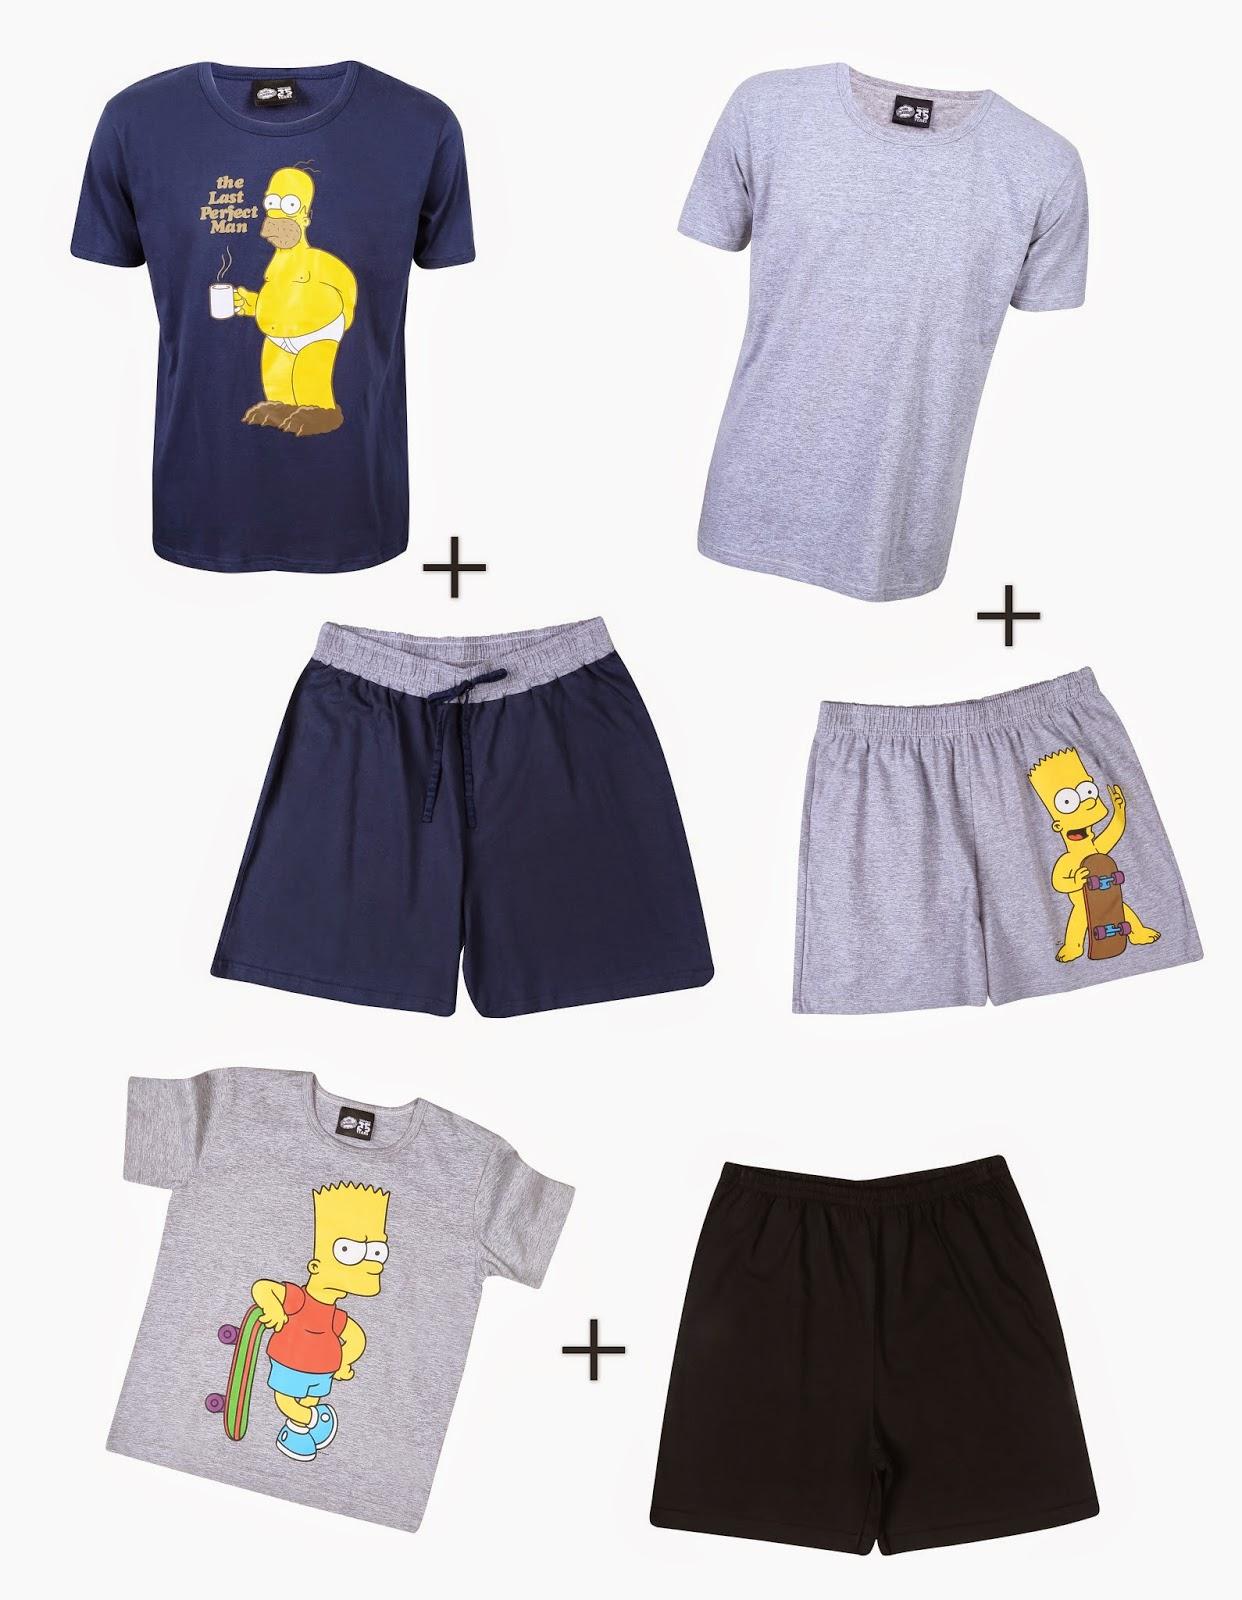 11c5f0ff49ab22 Setor Masculino | Blog de Moda Masculina, Comportamento, DIY e mais ...